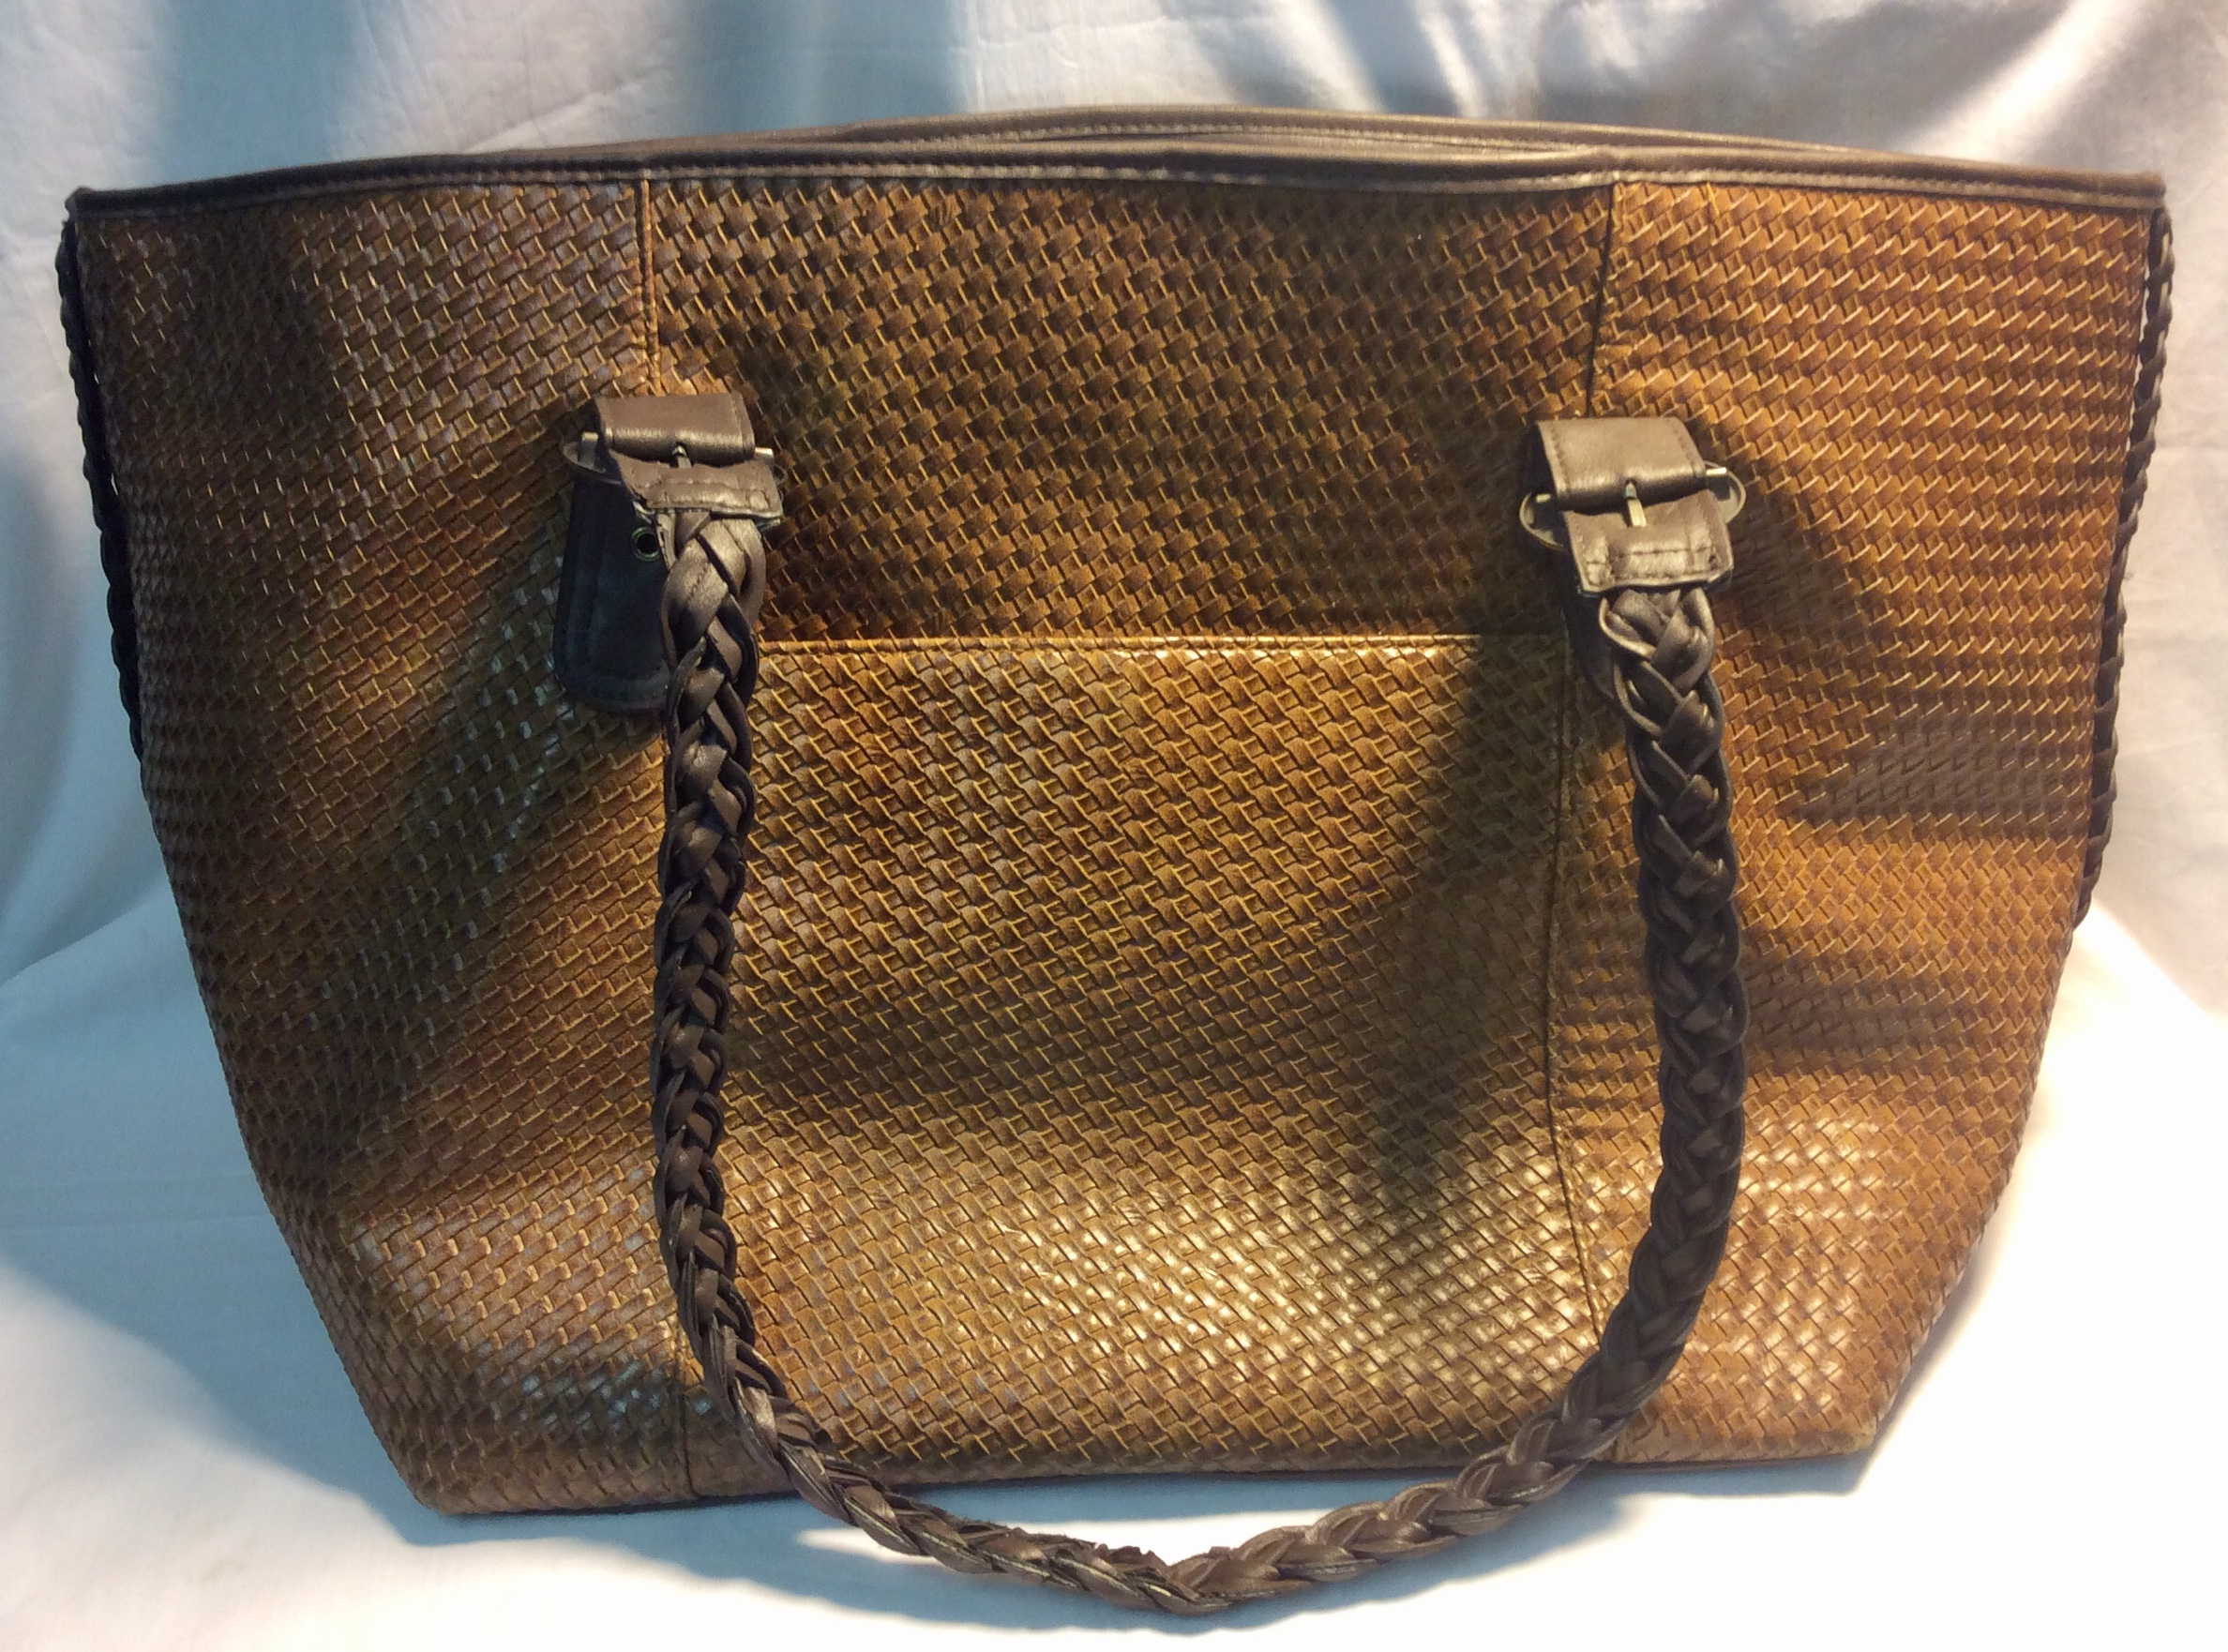 Big brown leather woven bag